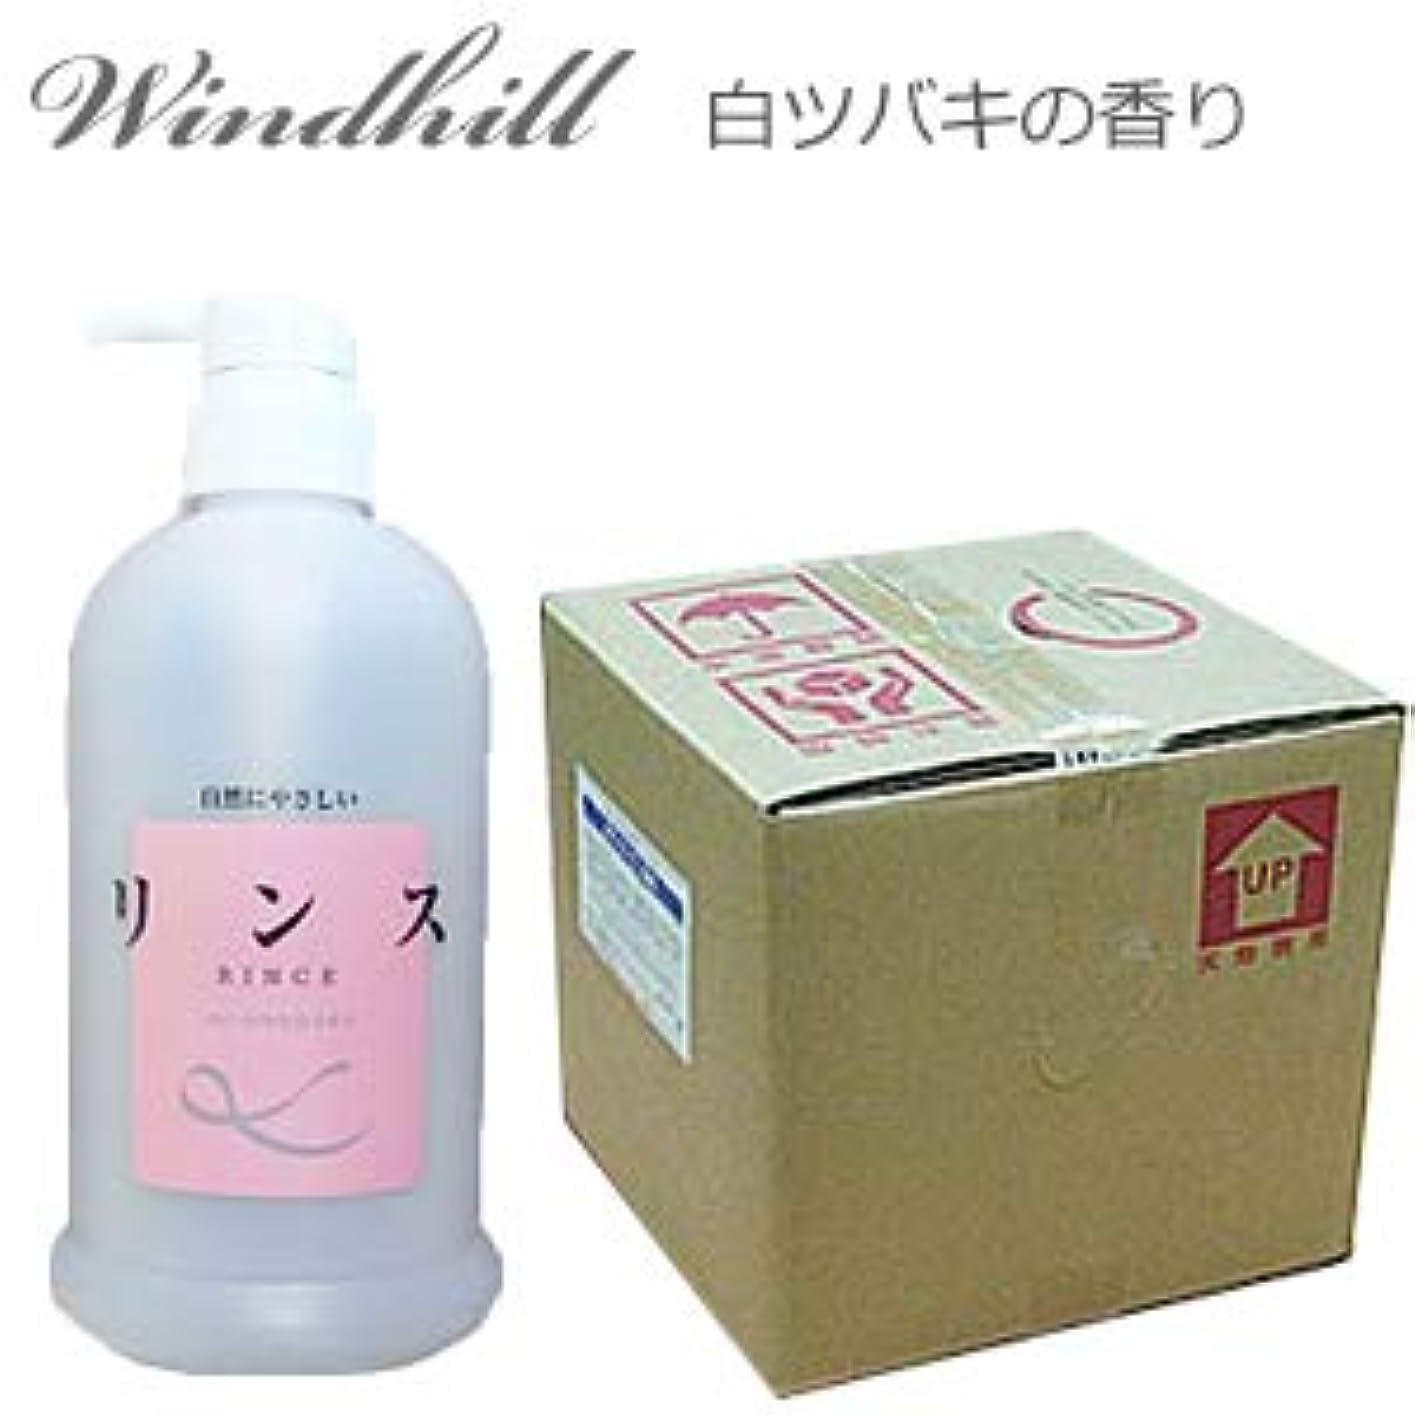 道を作る能力緊張するなんと! 500ml当り175円 Windhill 植物性 業務用 リンス 白ツバキの香り 20L